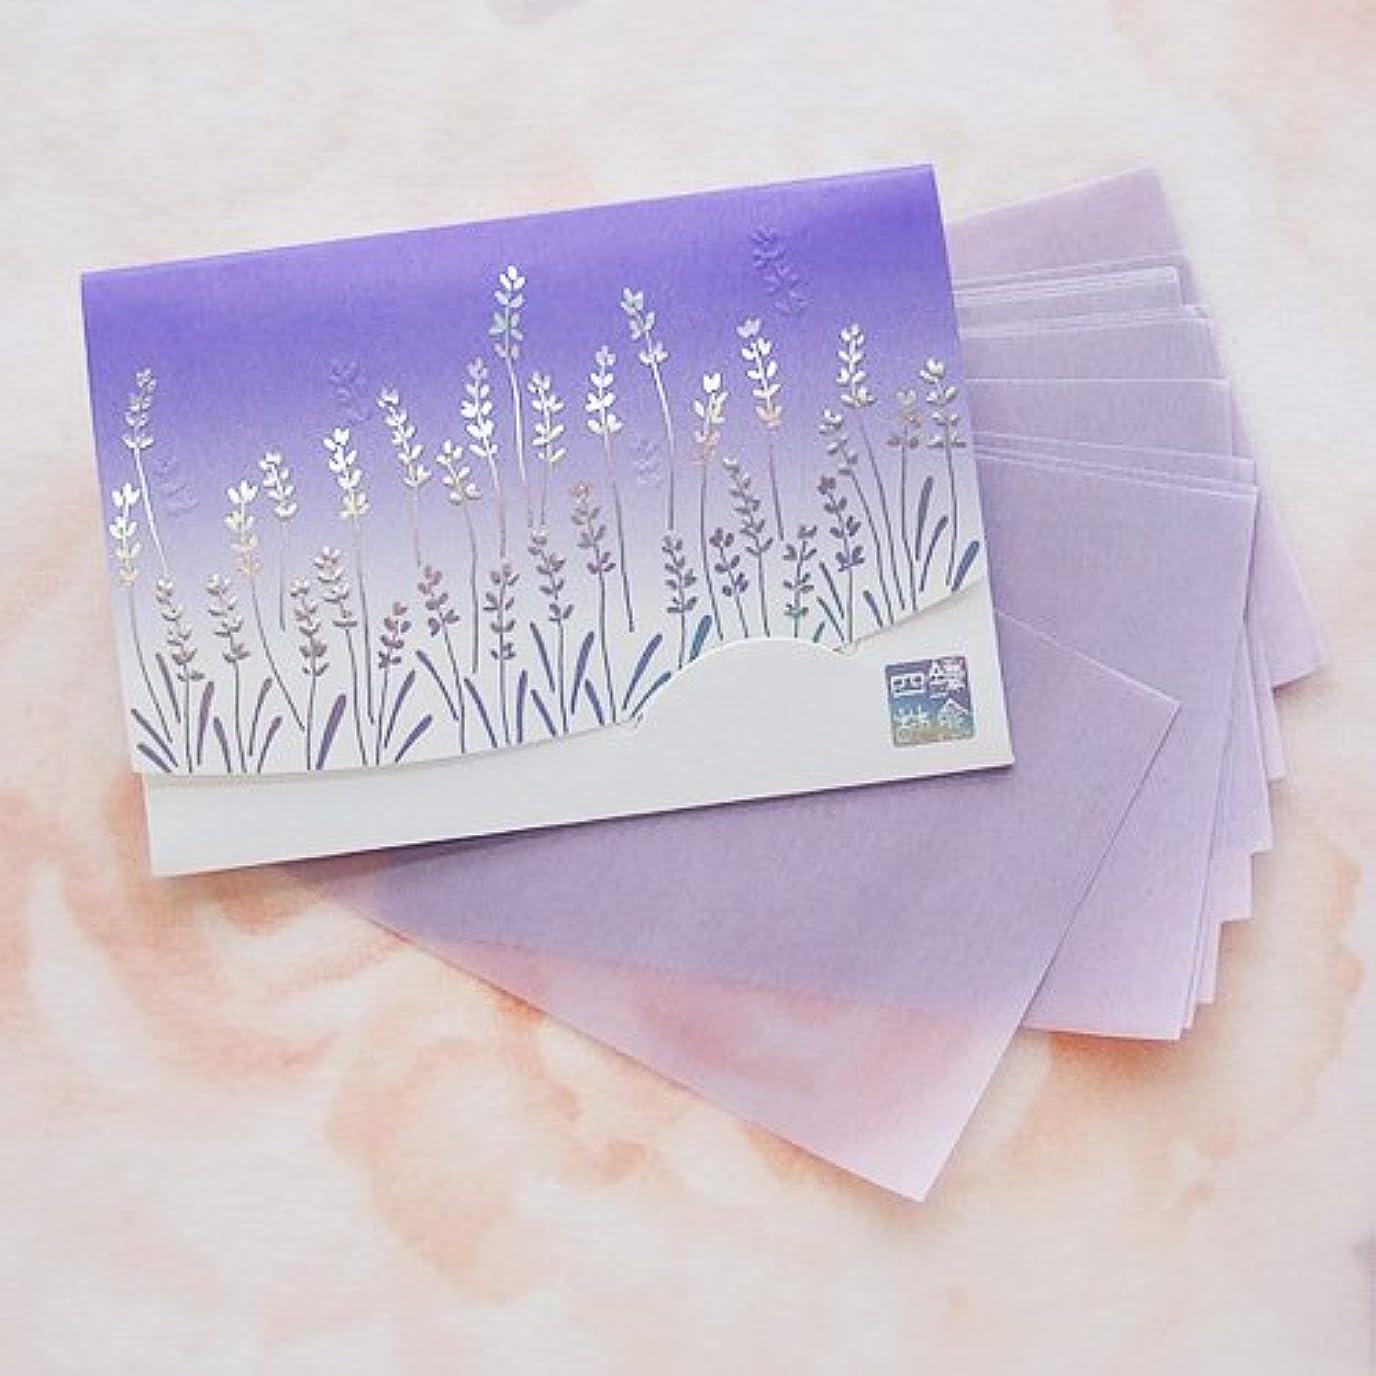 定数洗う気になる鎌倉四葩のあぶらとり紙 きらめき香りラベンダー 短冊サイズ 20枚入